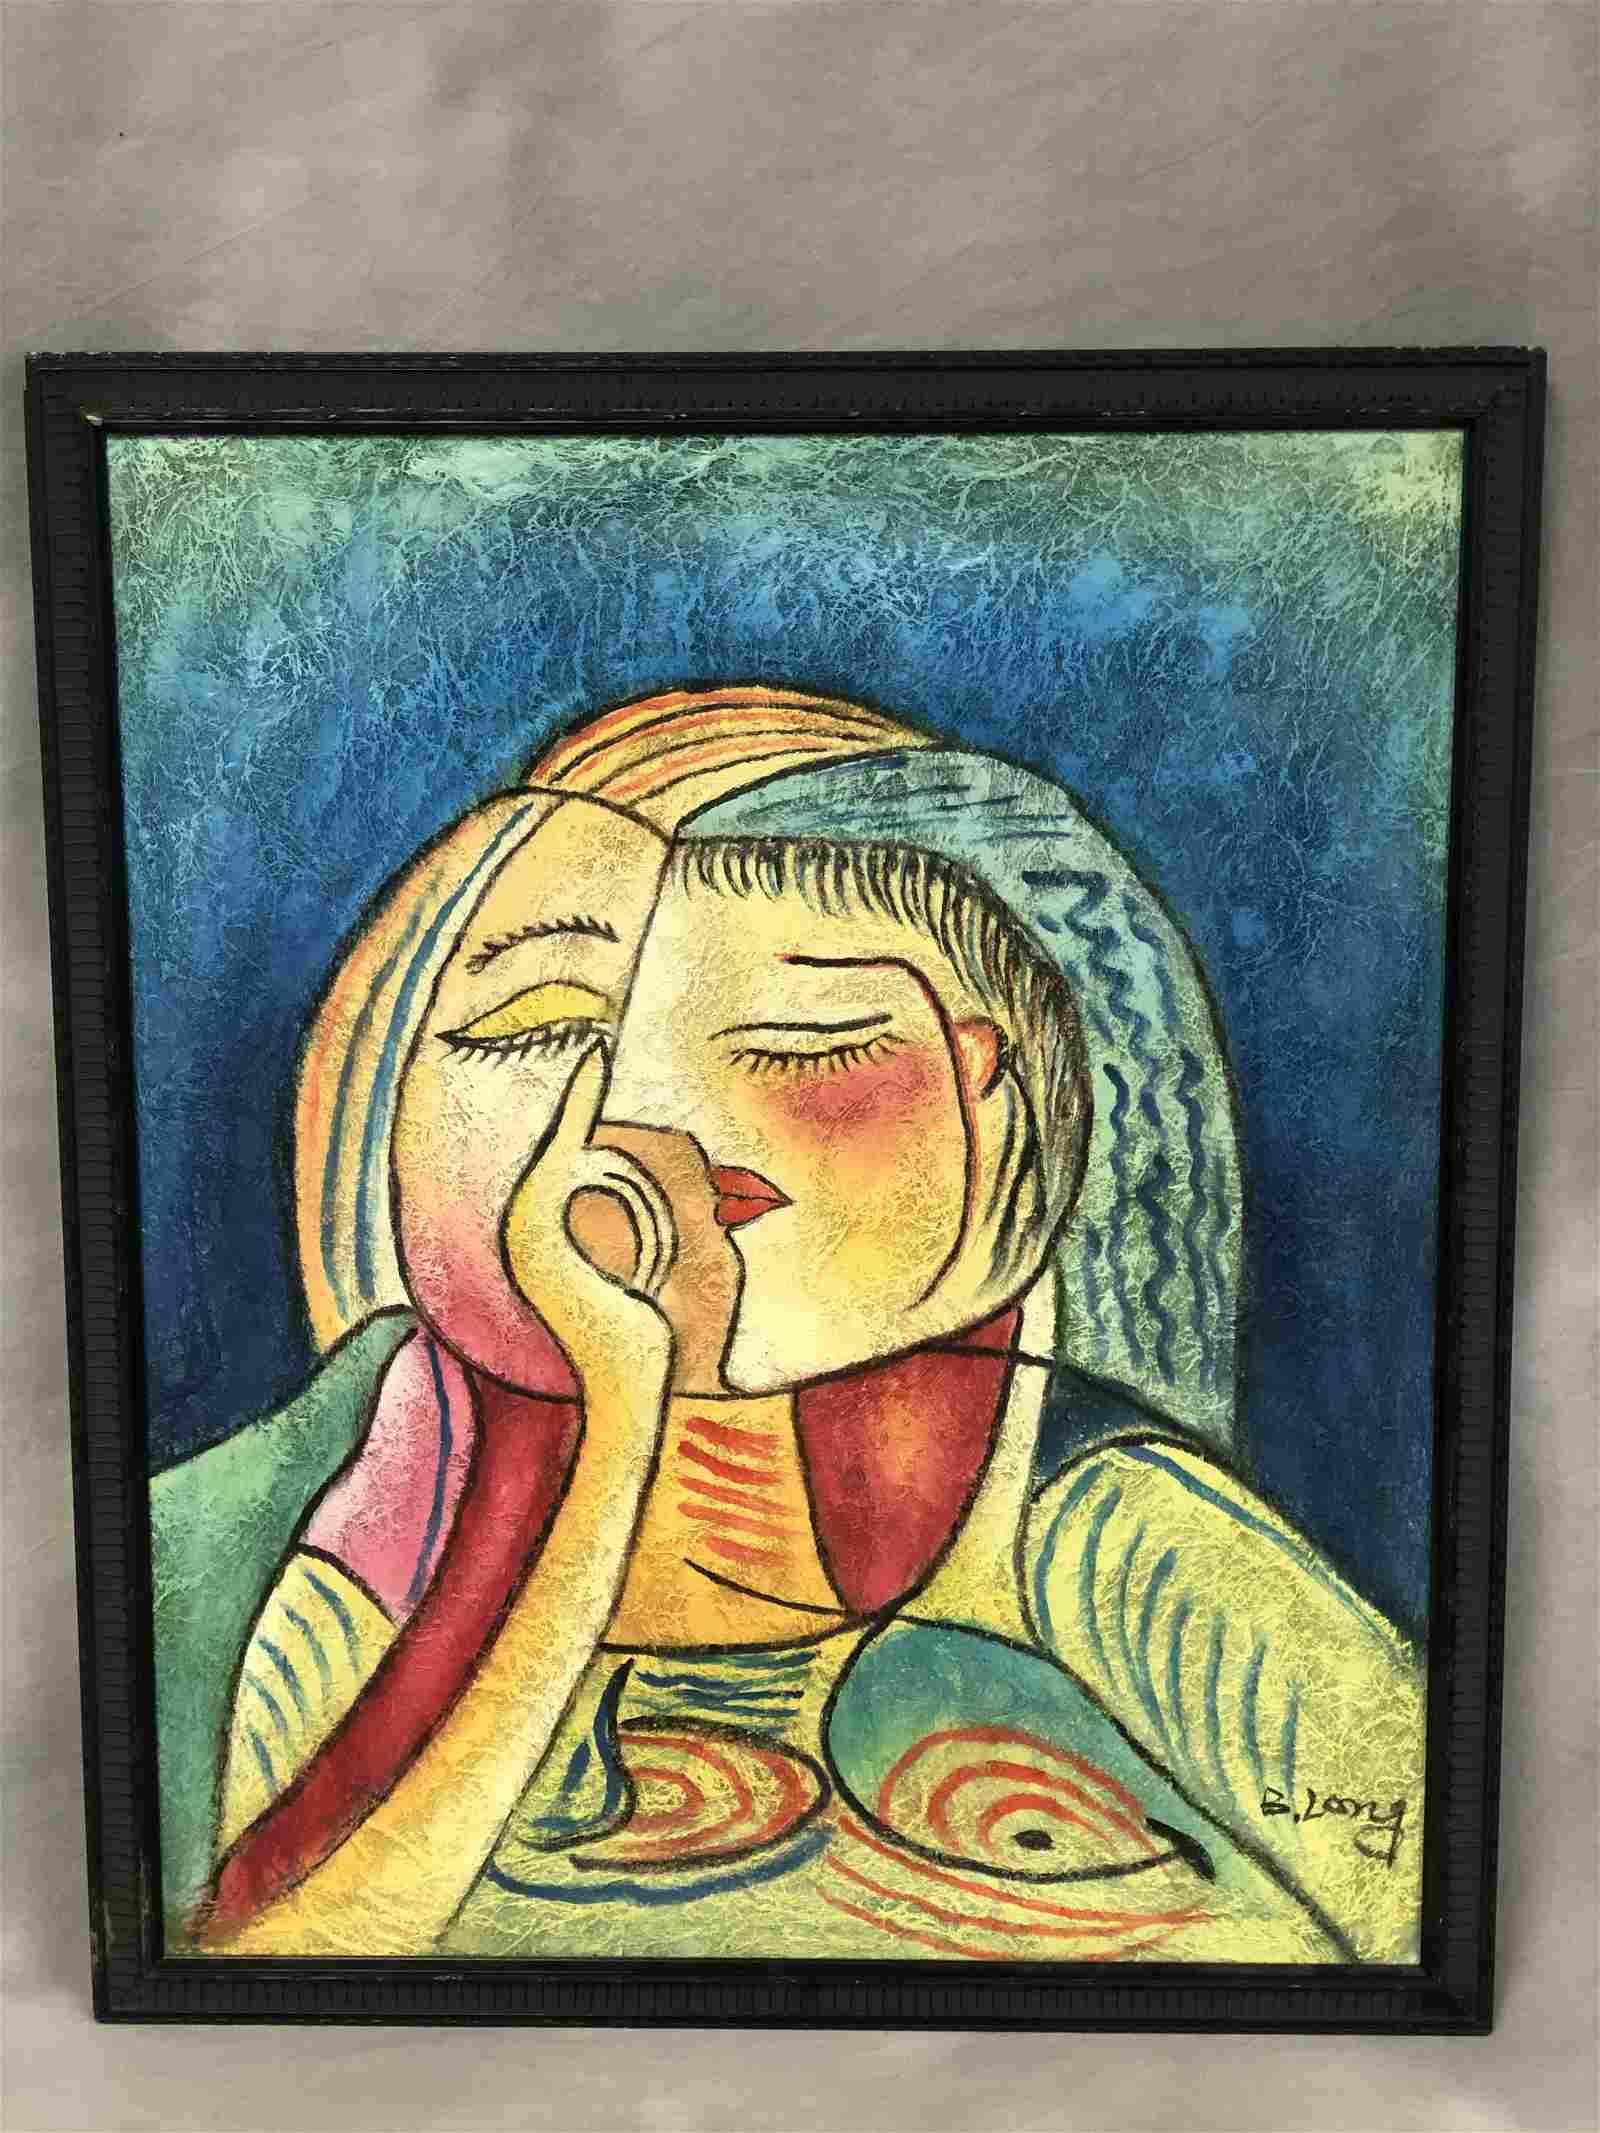 Signed Benjamin Long Modern Cubist Portrait - Oil